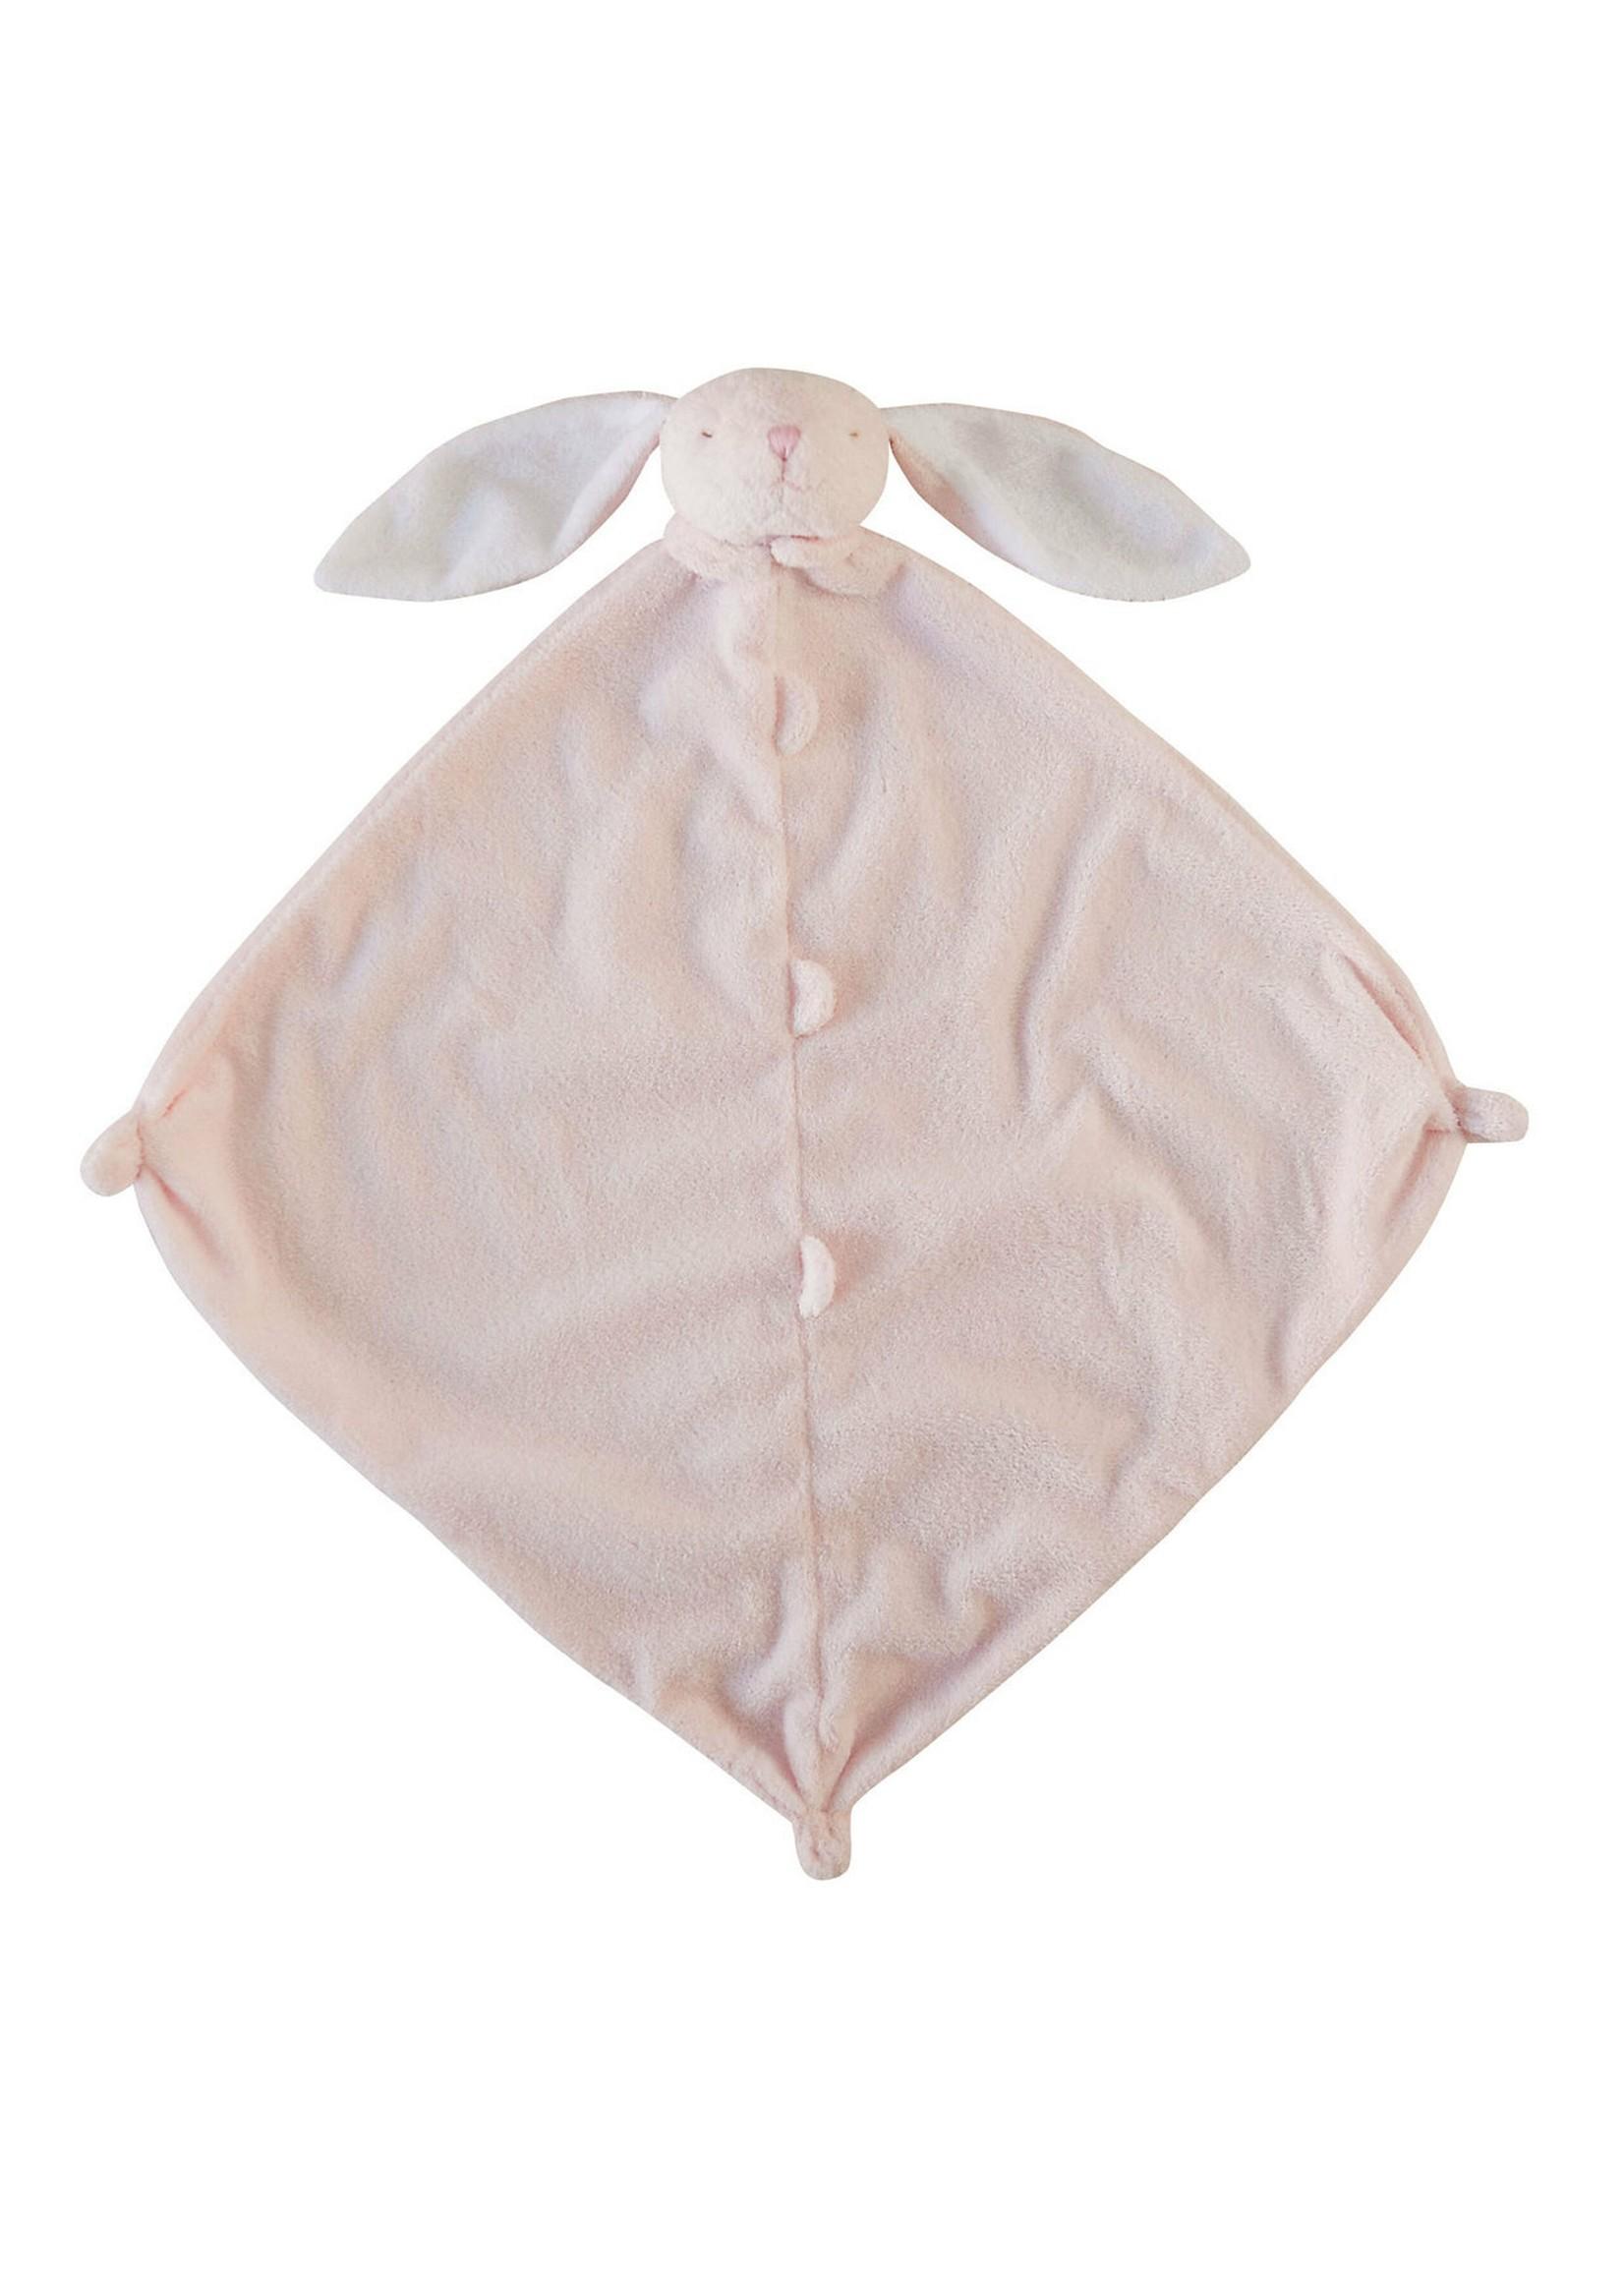 Angel Dear Angel Dear Blankie - Pink Bunny